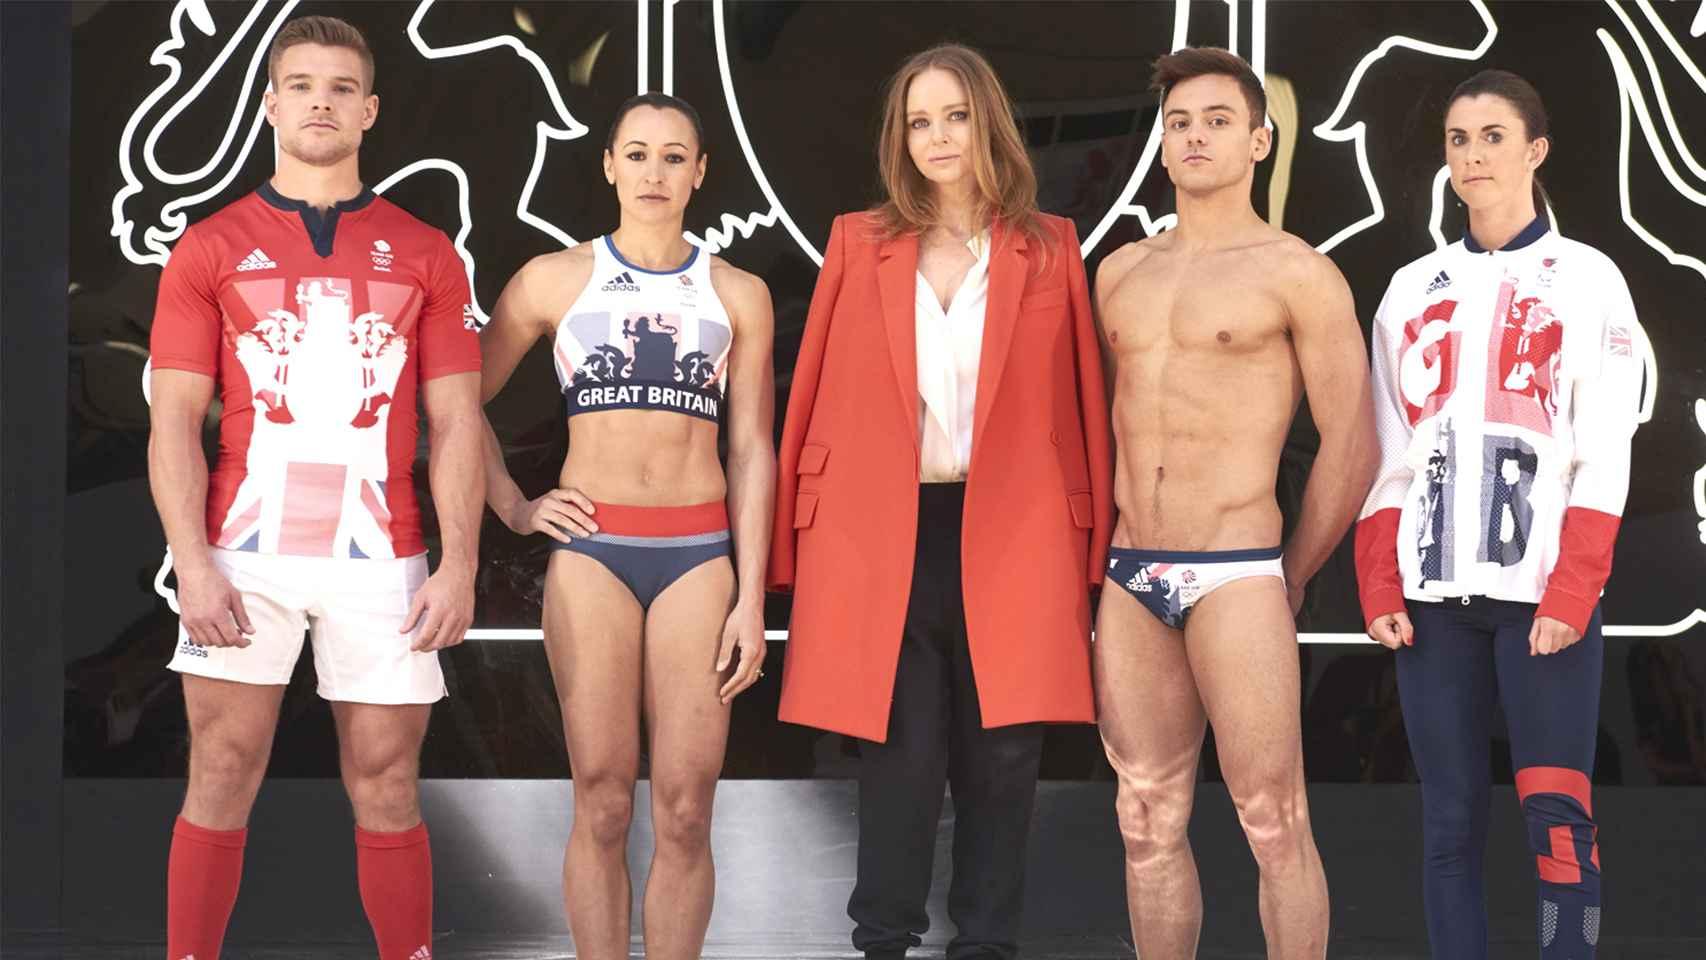 Stella McCartney diseña la equipación de Gran Bretaña para los JJOO de Río 2016.